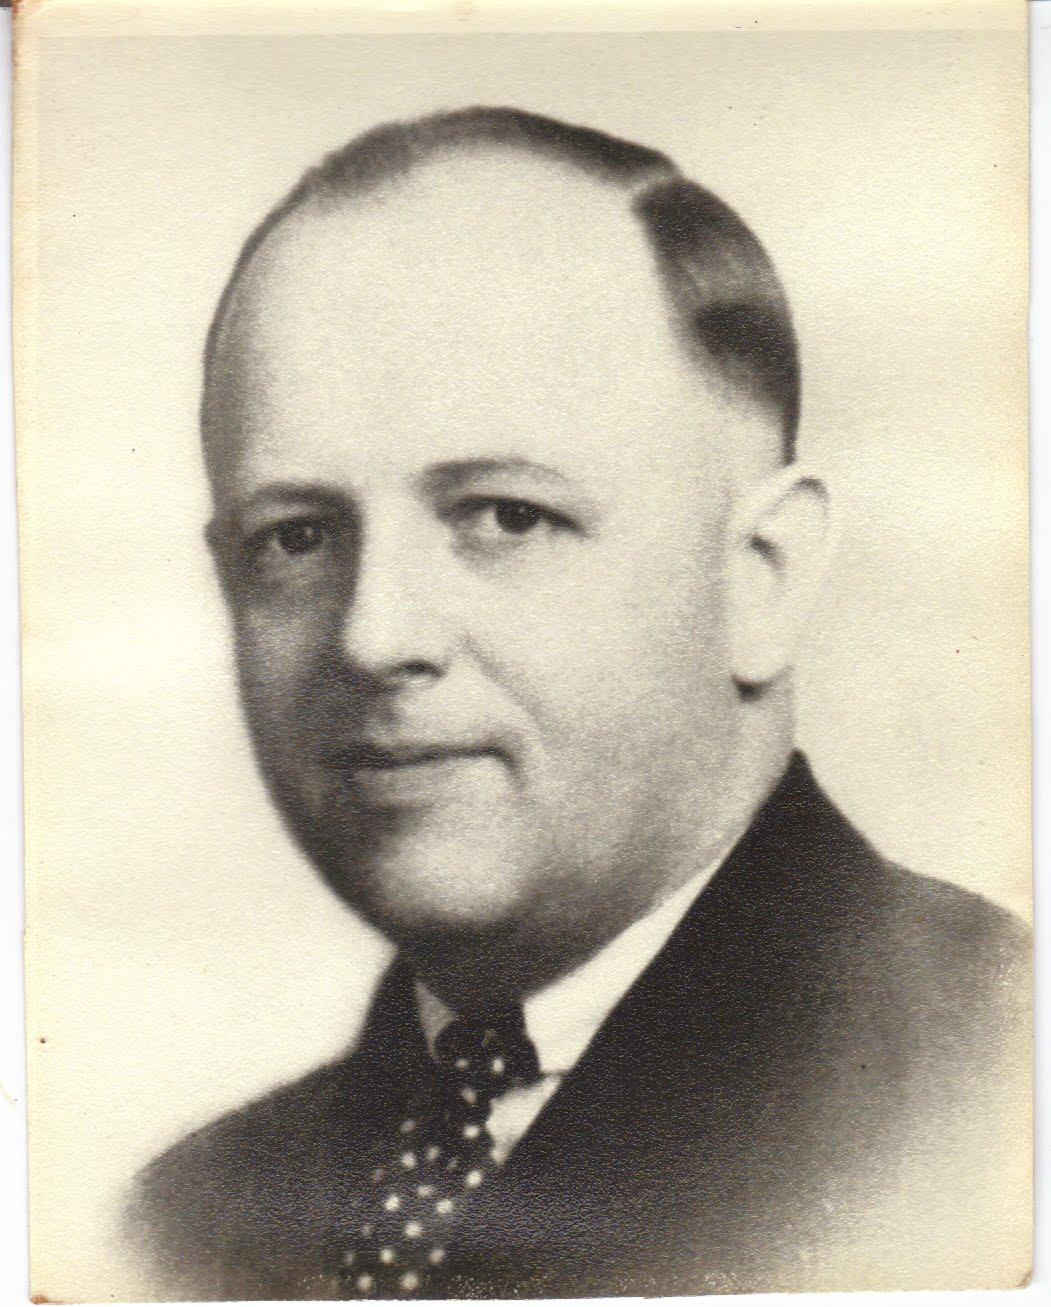 KENNETH A. WRIGHT (1899-1952)